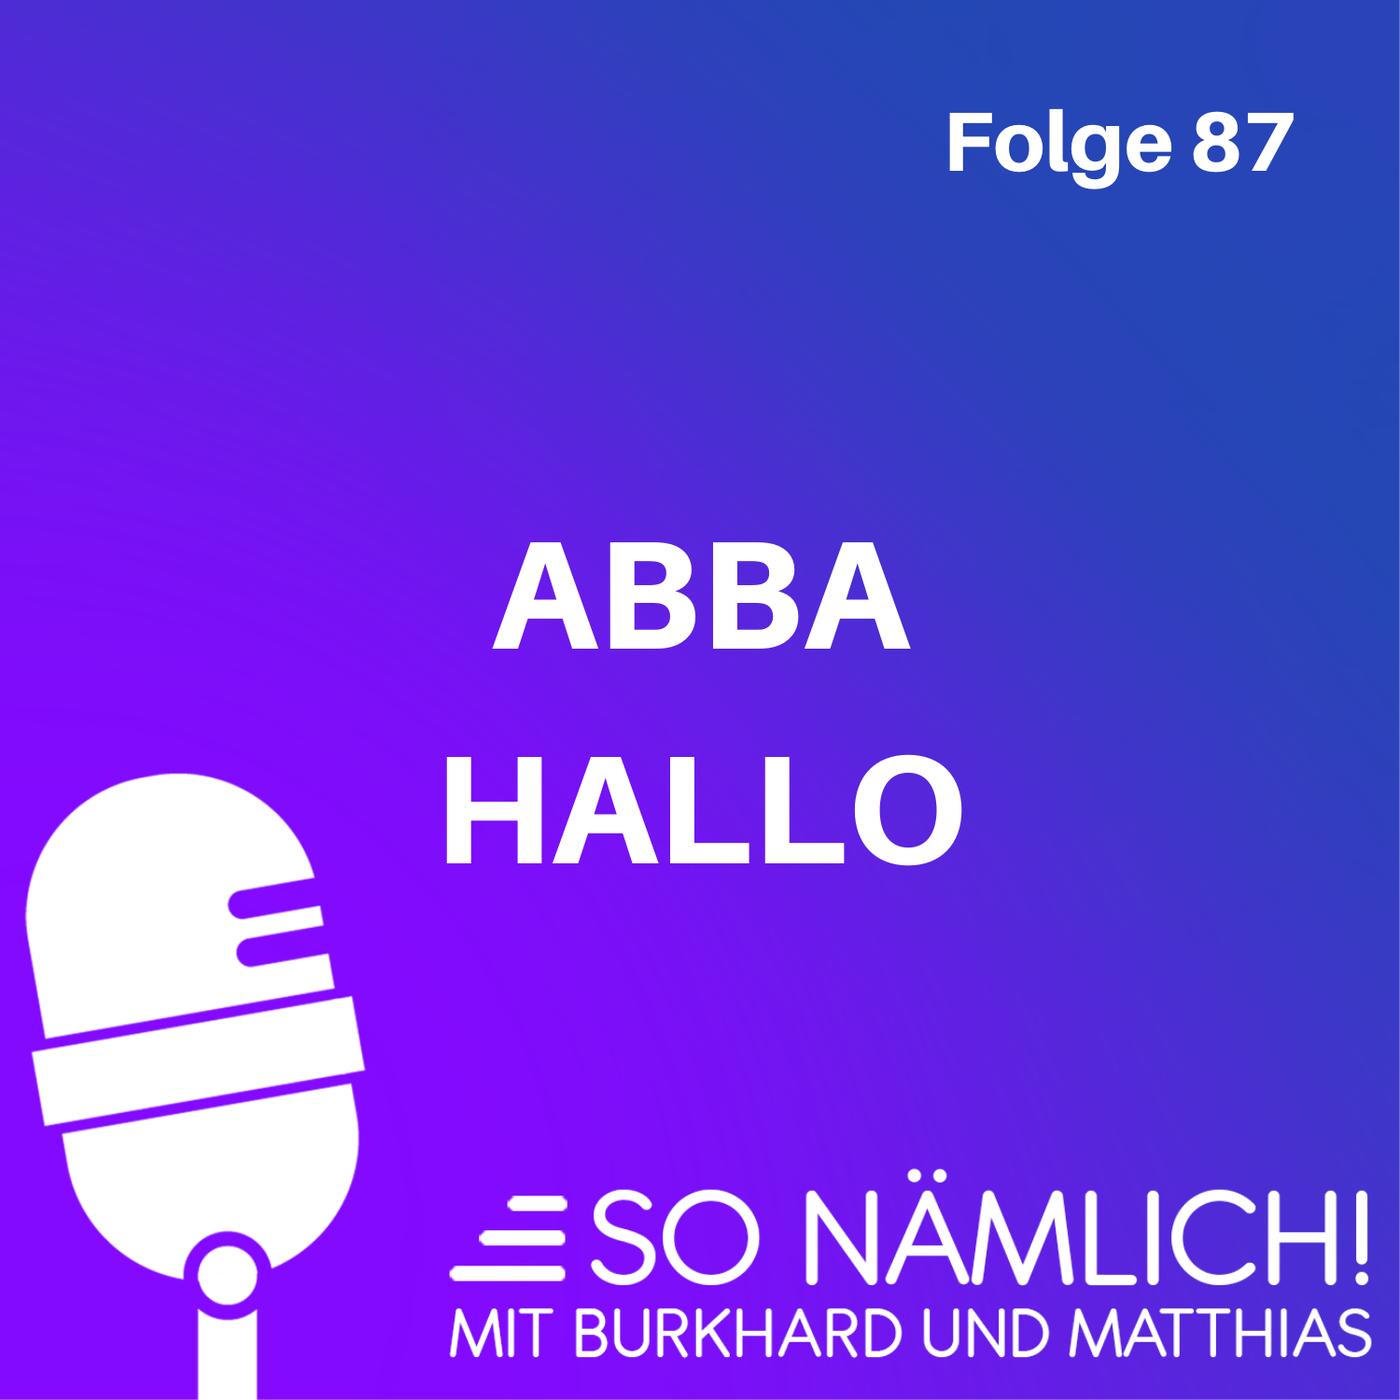 ABBA Hallo